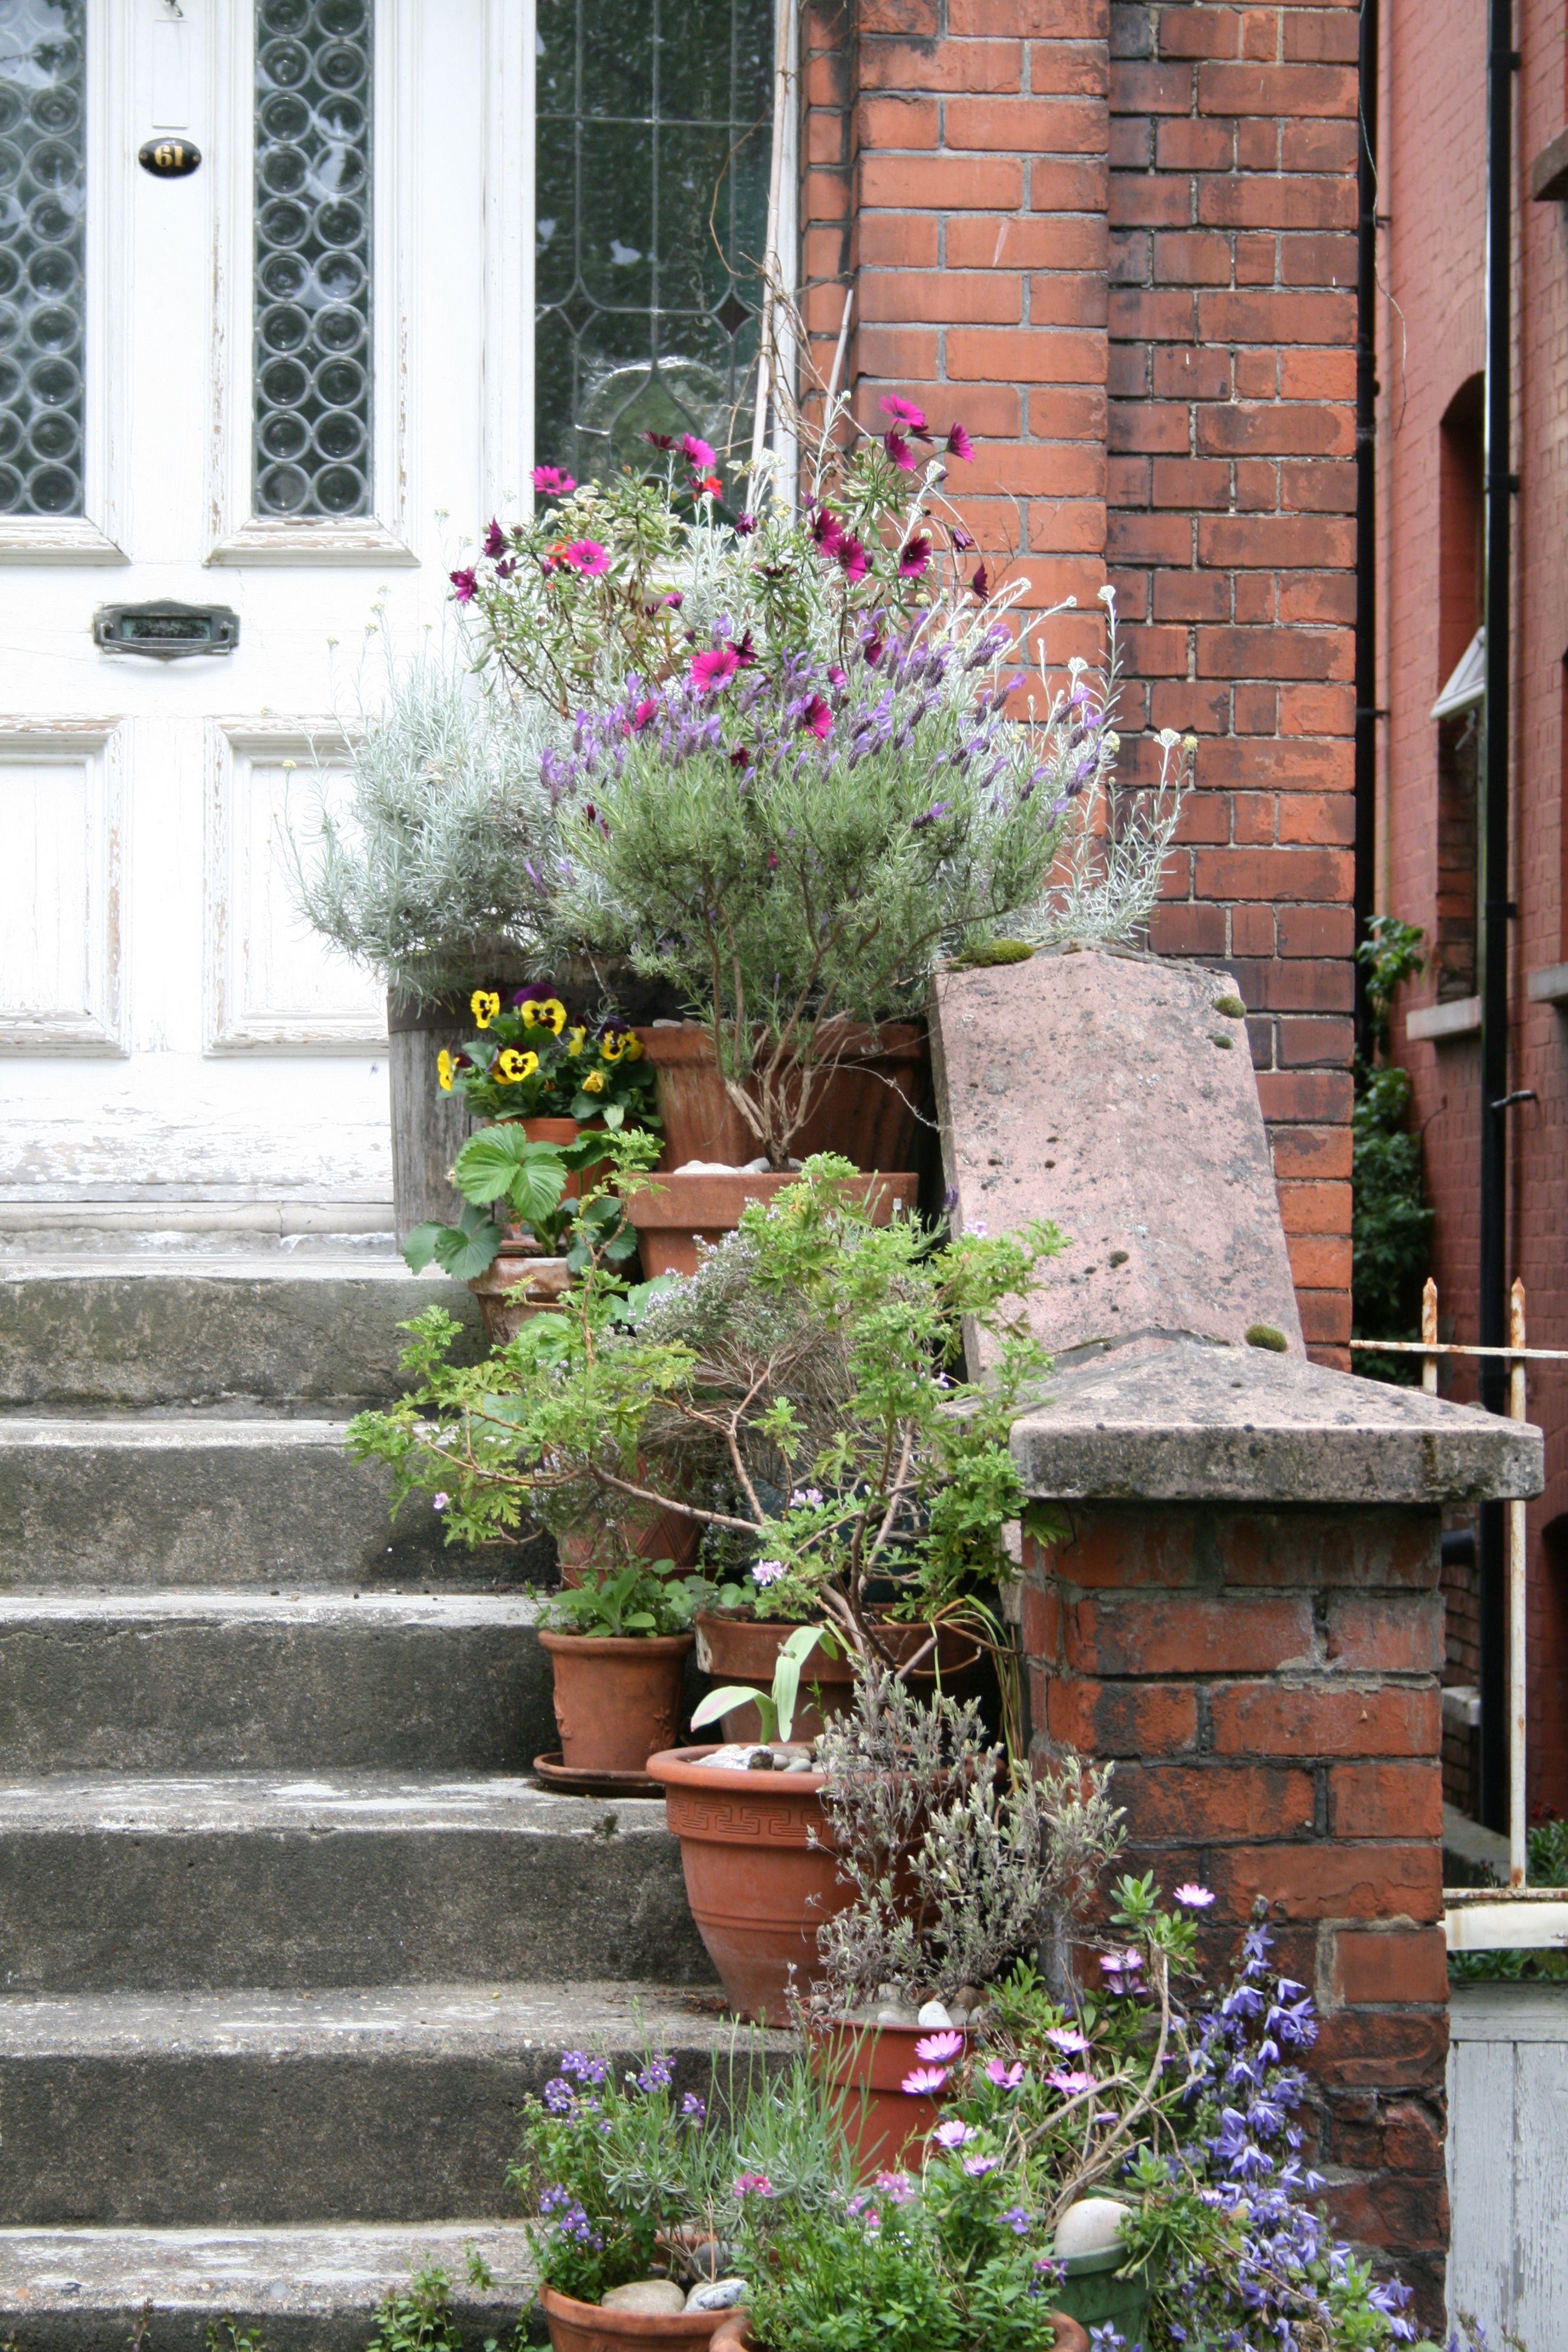 Tufnell Park front door flowers